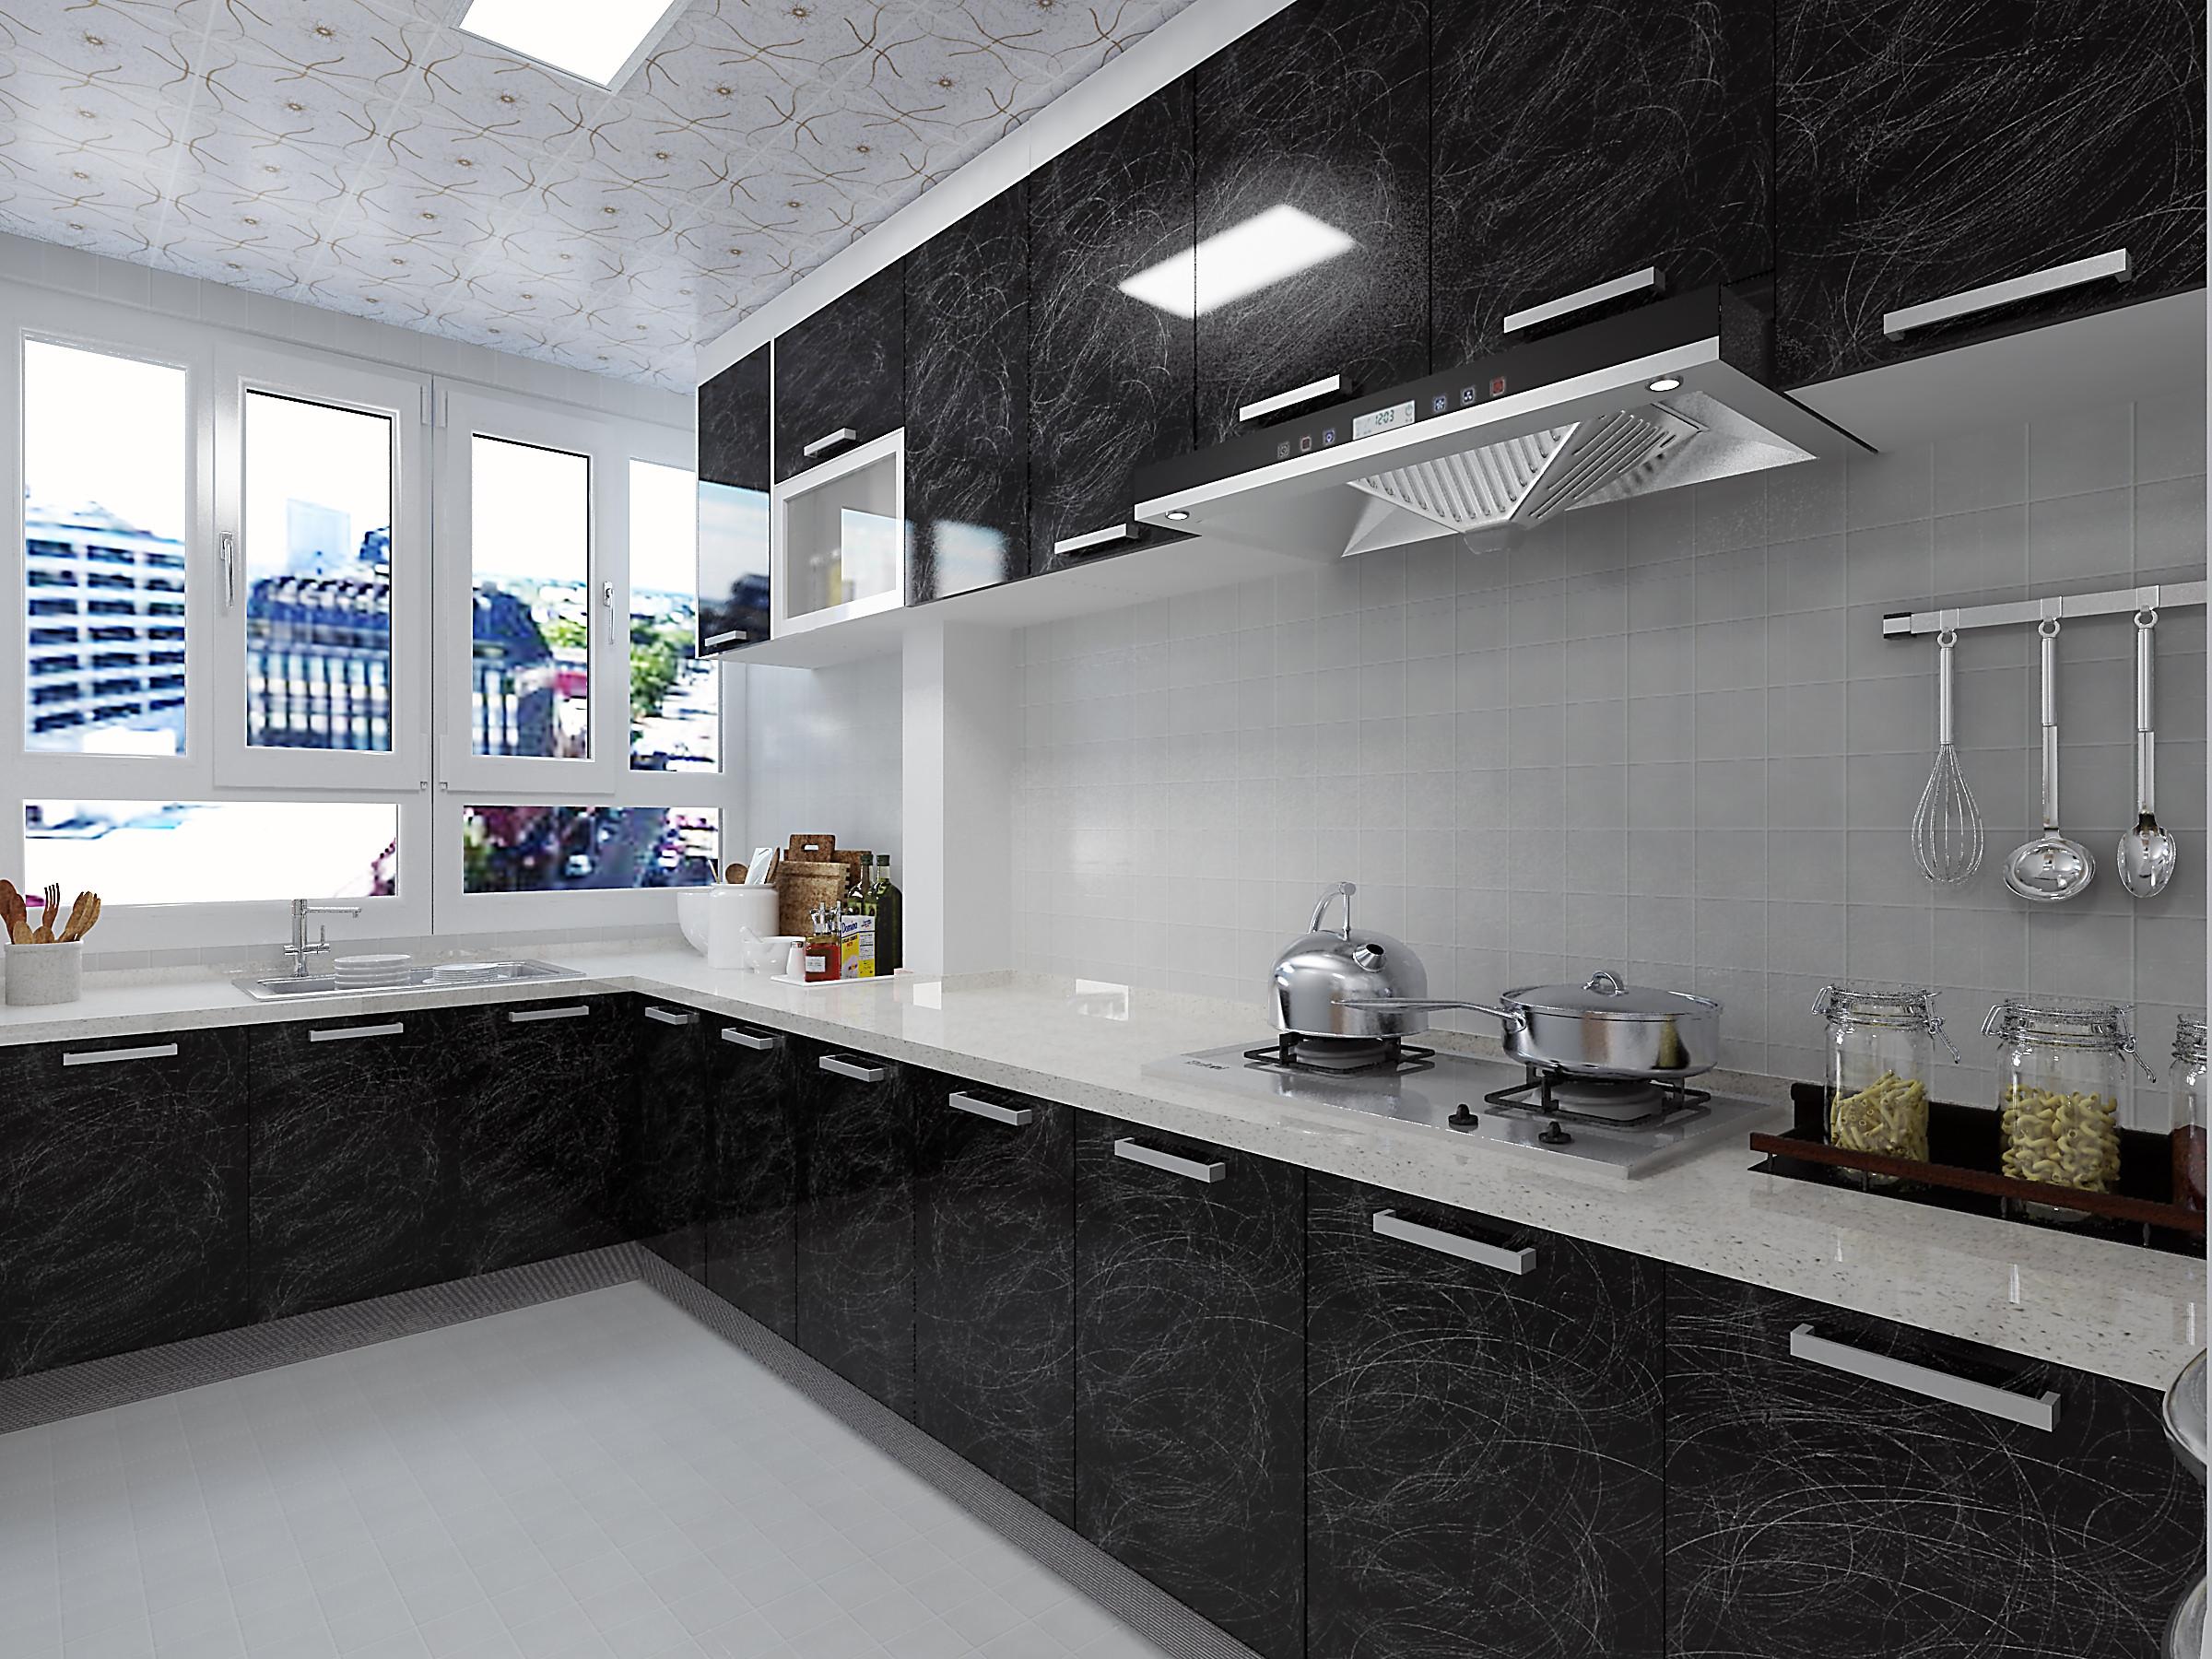 130㎡简约装修厨房效果图